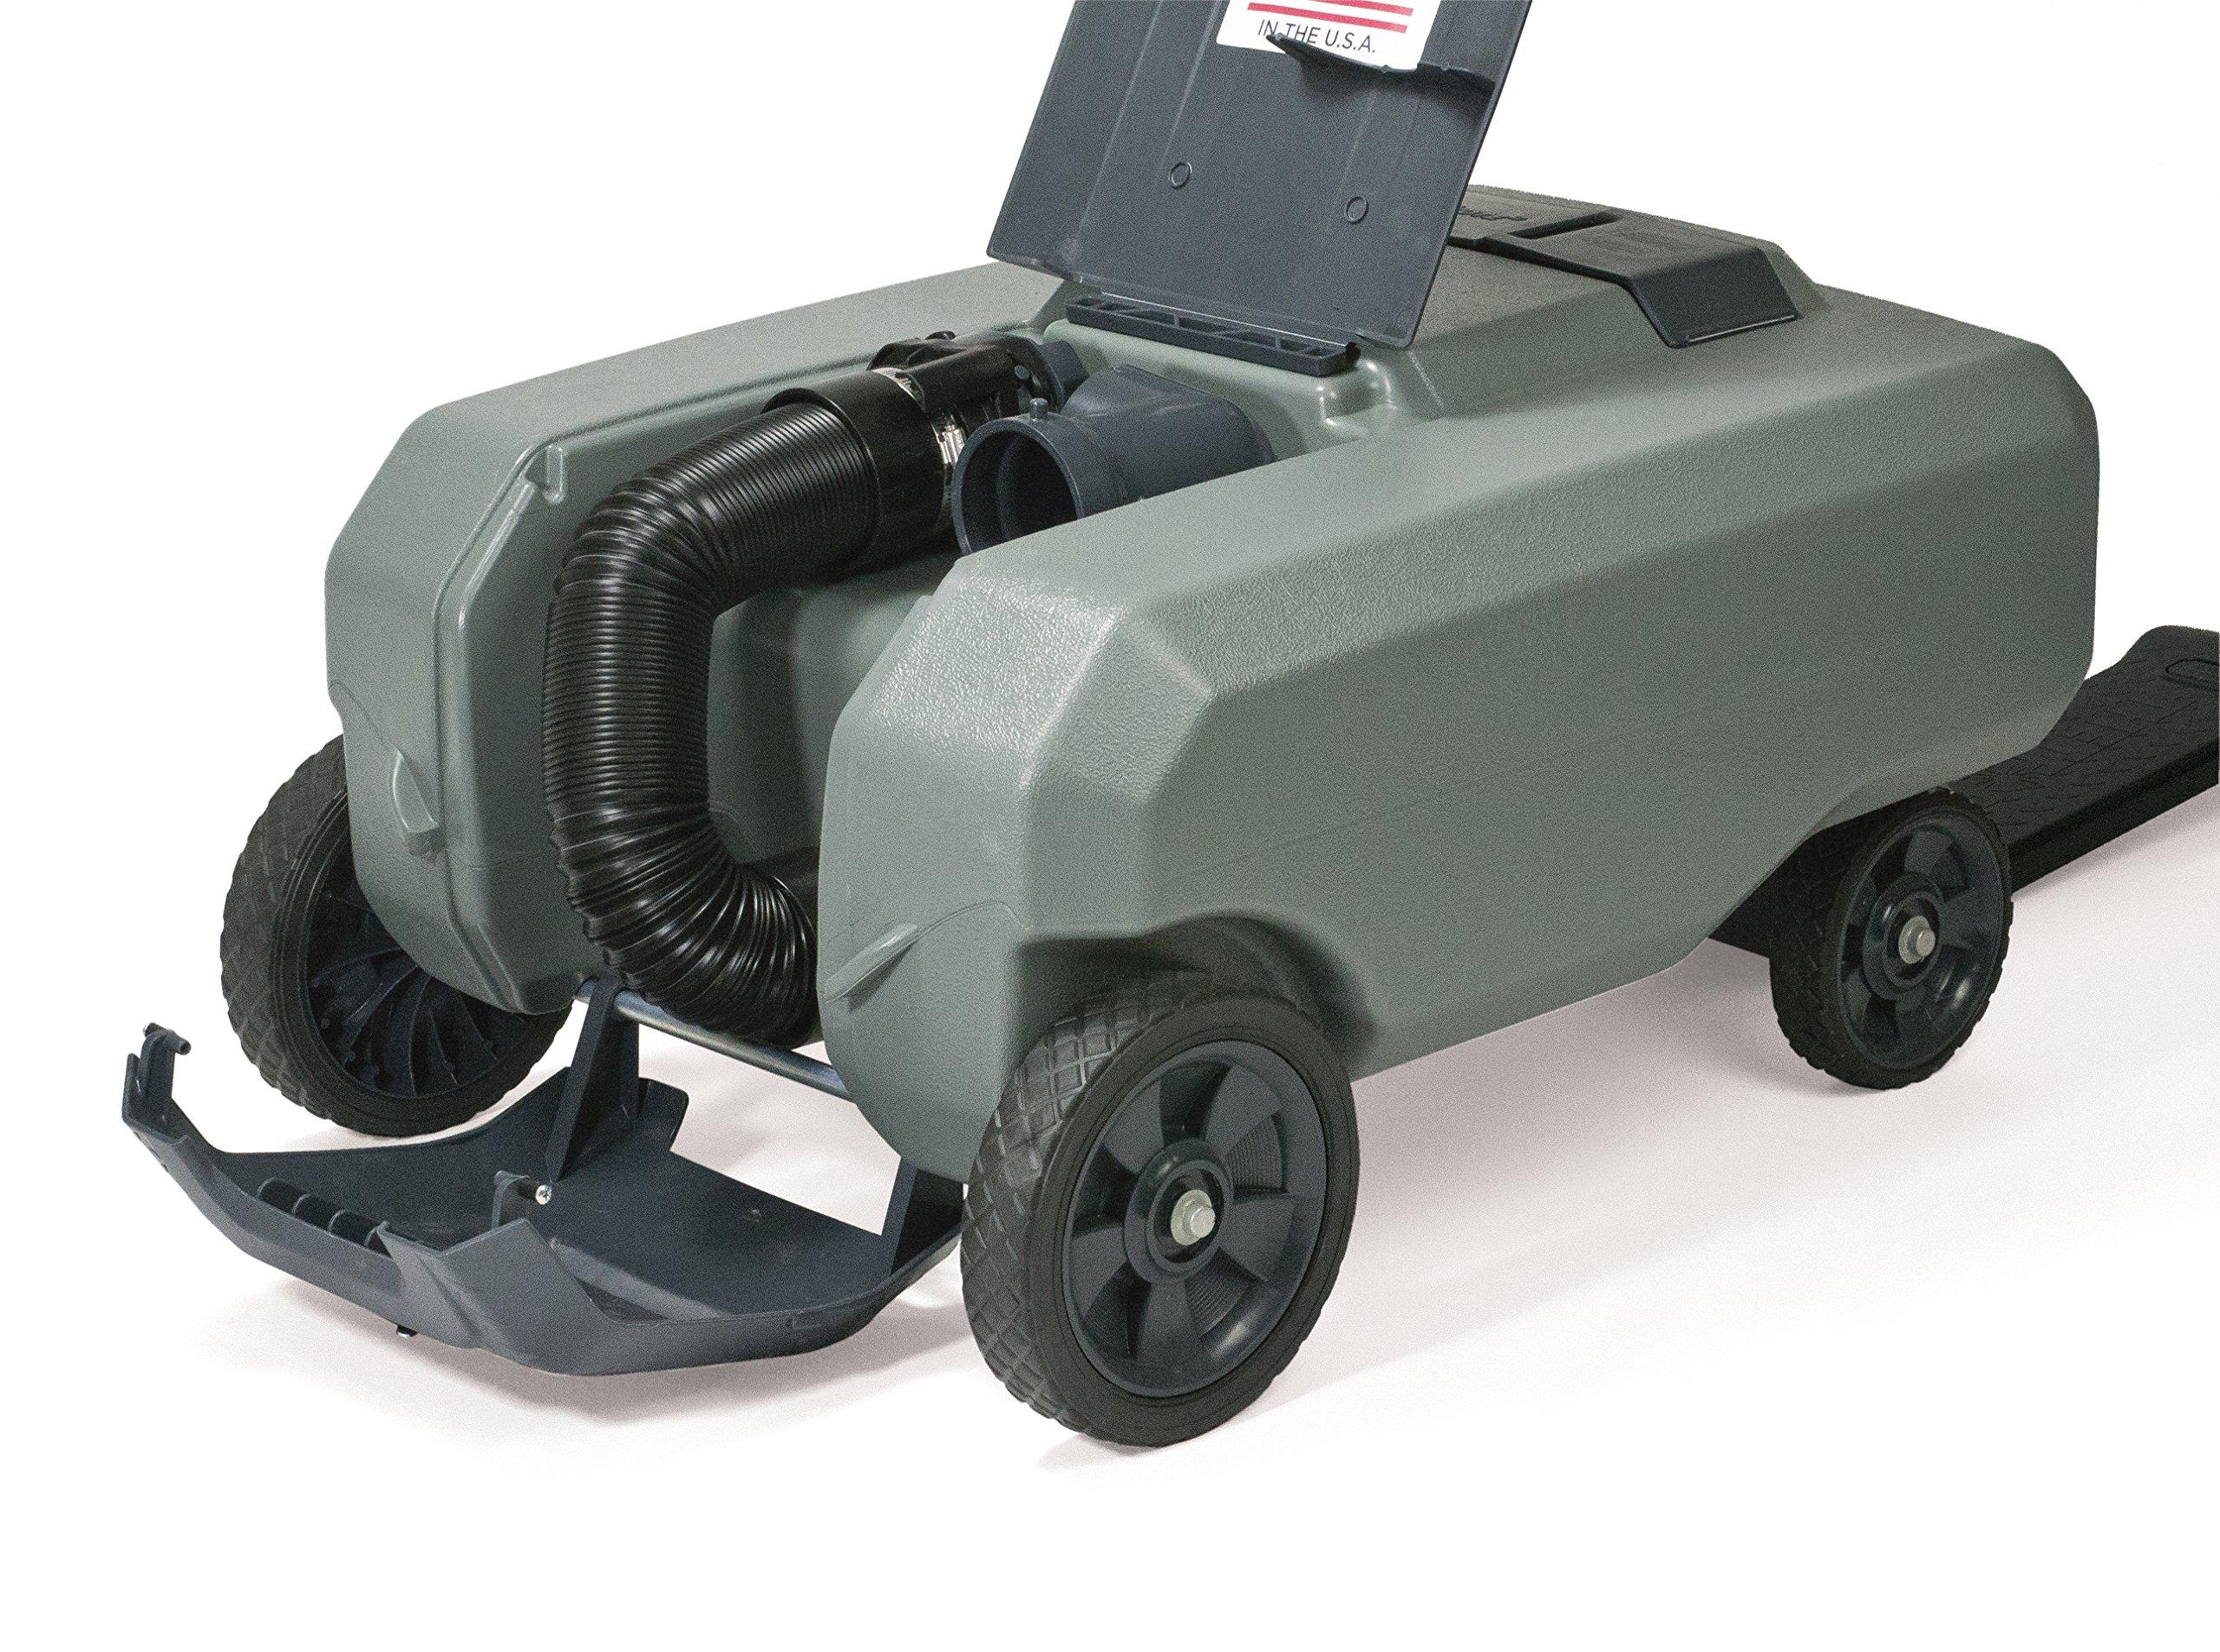 SmartTote2 RV Portable Waste Tote Tank - 4 Wheels - 35 Gallon - Thetford 40519 by SmartTote2 (Image #10)